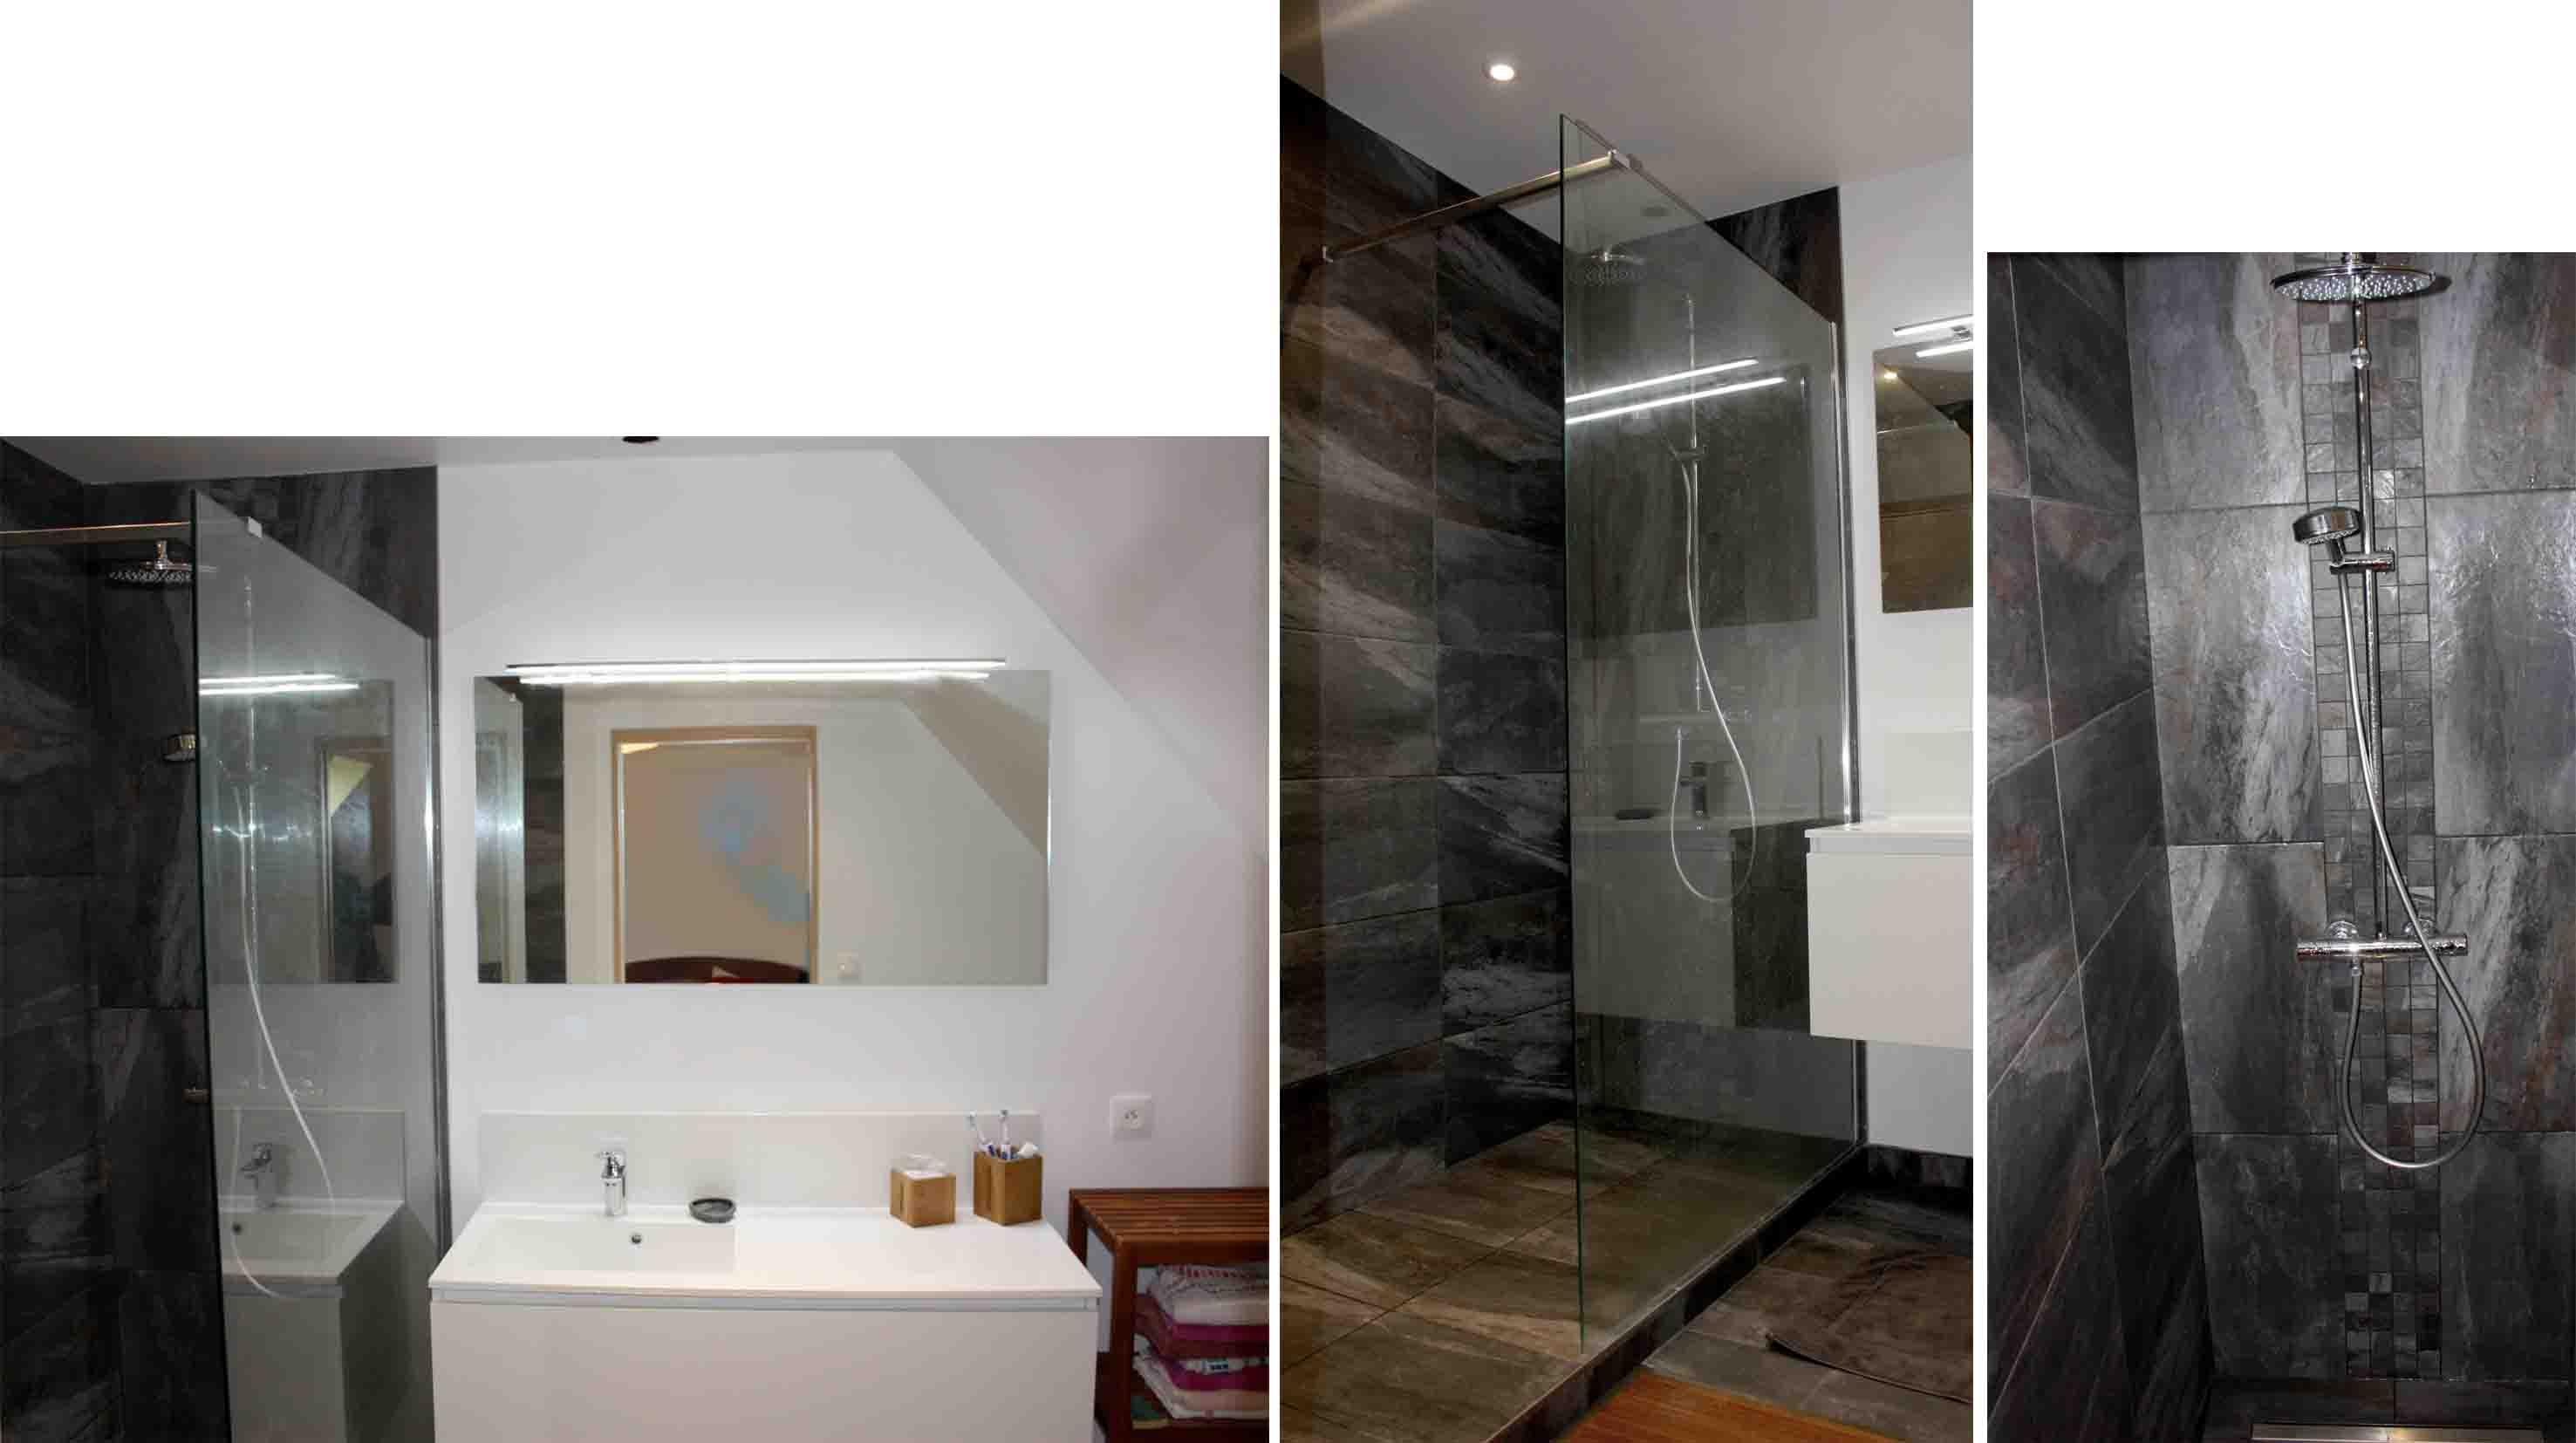 maison familiale boddaert interieur architecte interieur lille nord. Black Bedroom Furniture Sets. Home Design Ideas